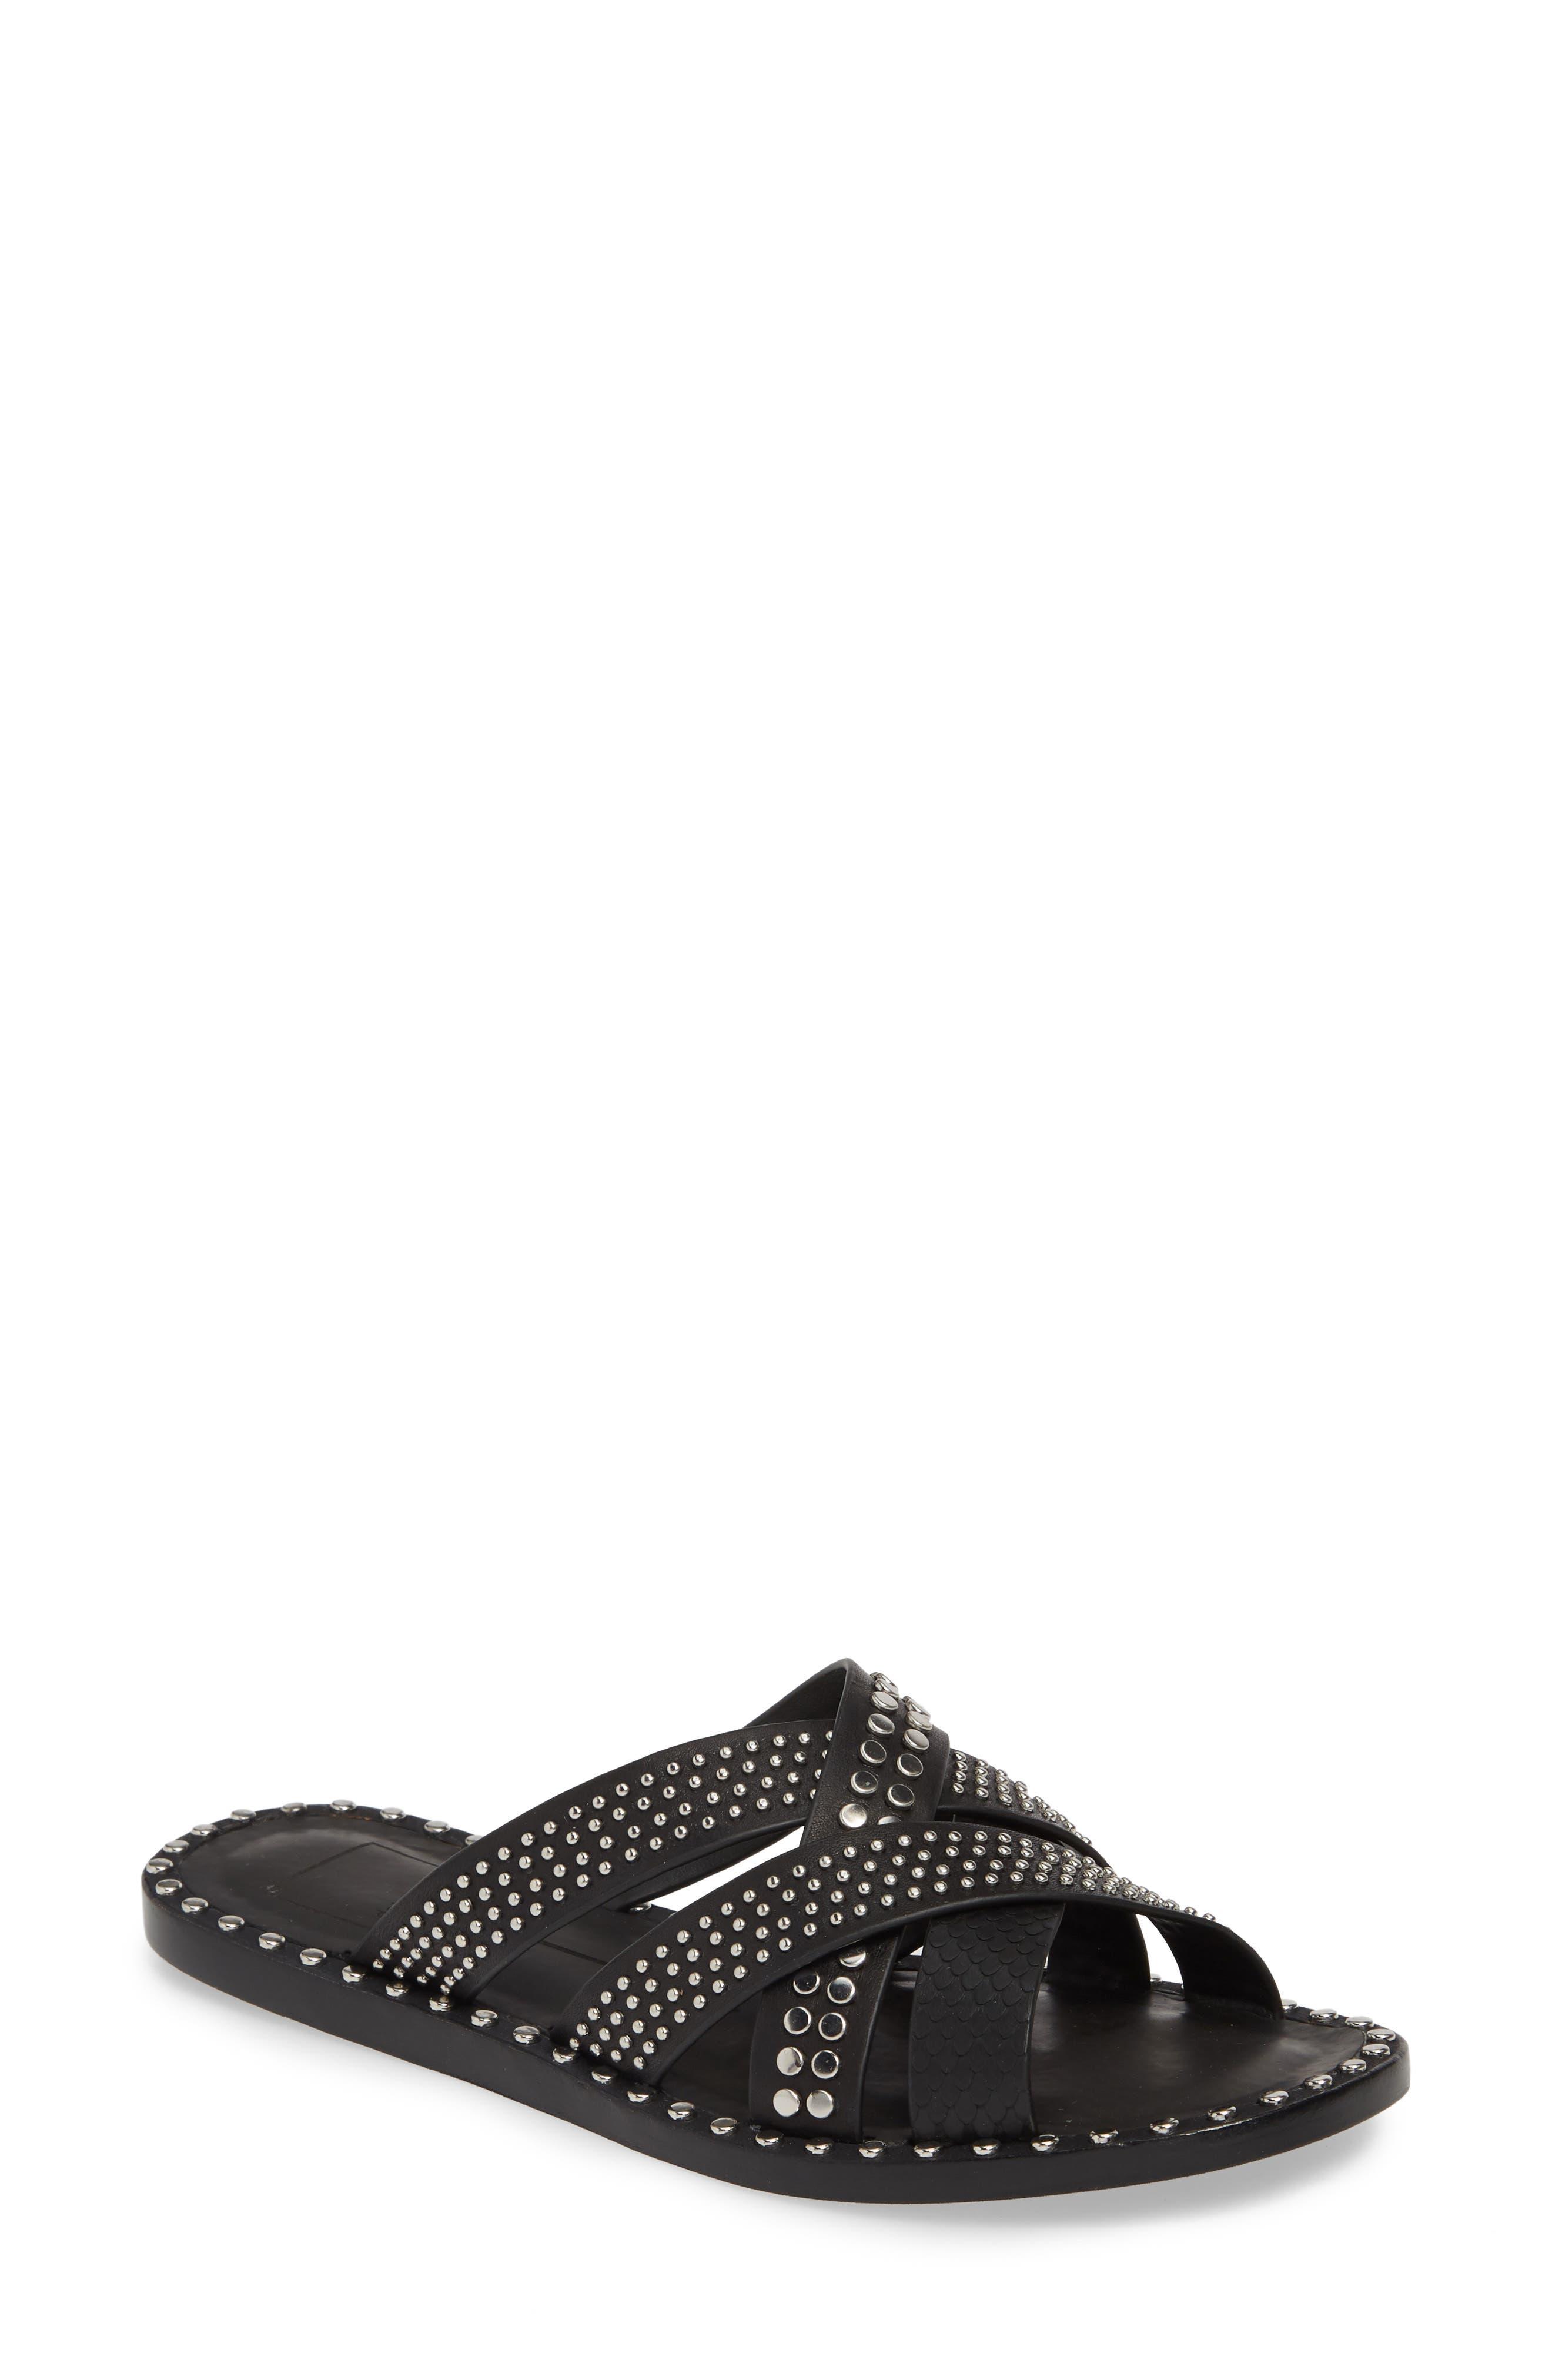 DOLCE VITA Corbey Studded Slide Sandal, Main, color, BLACK LEATHER